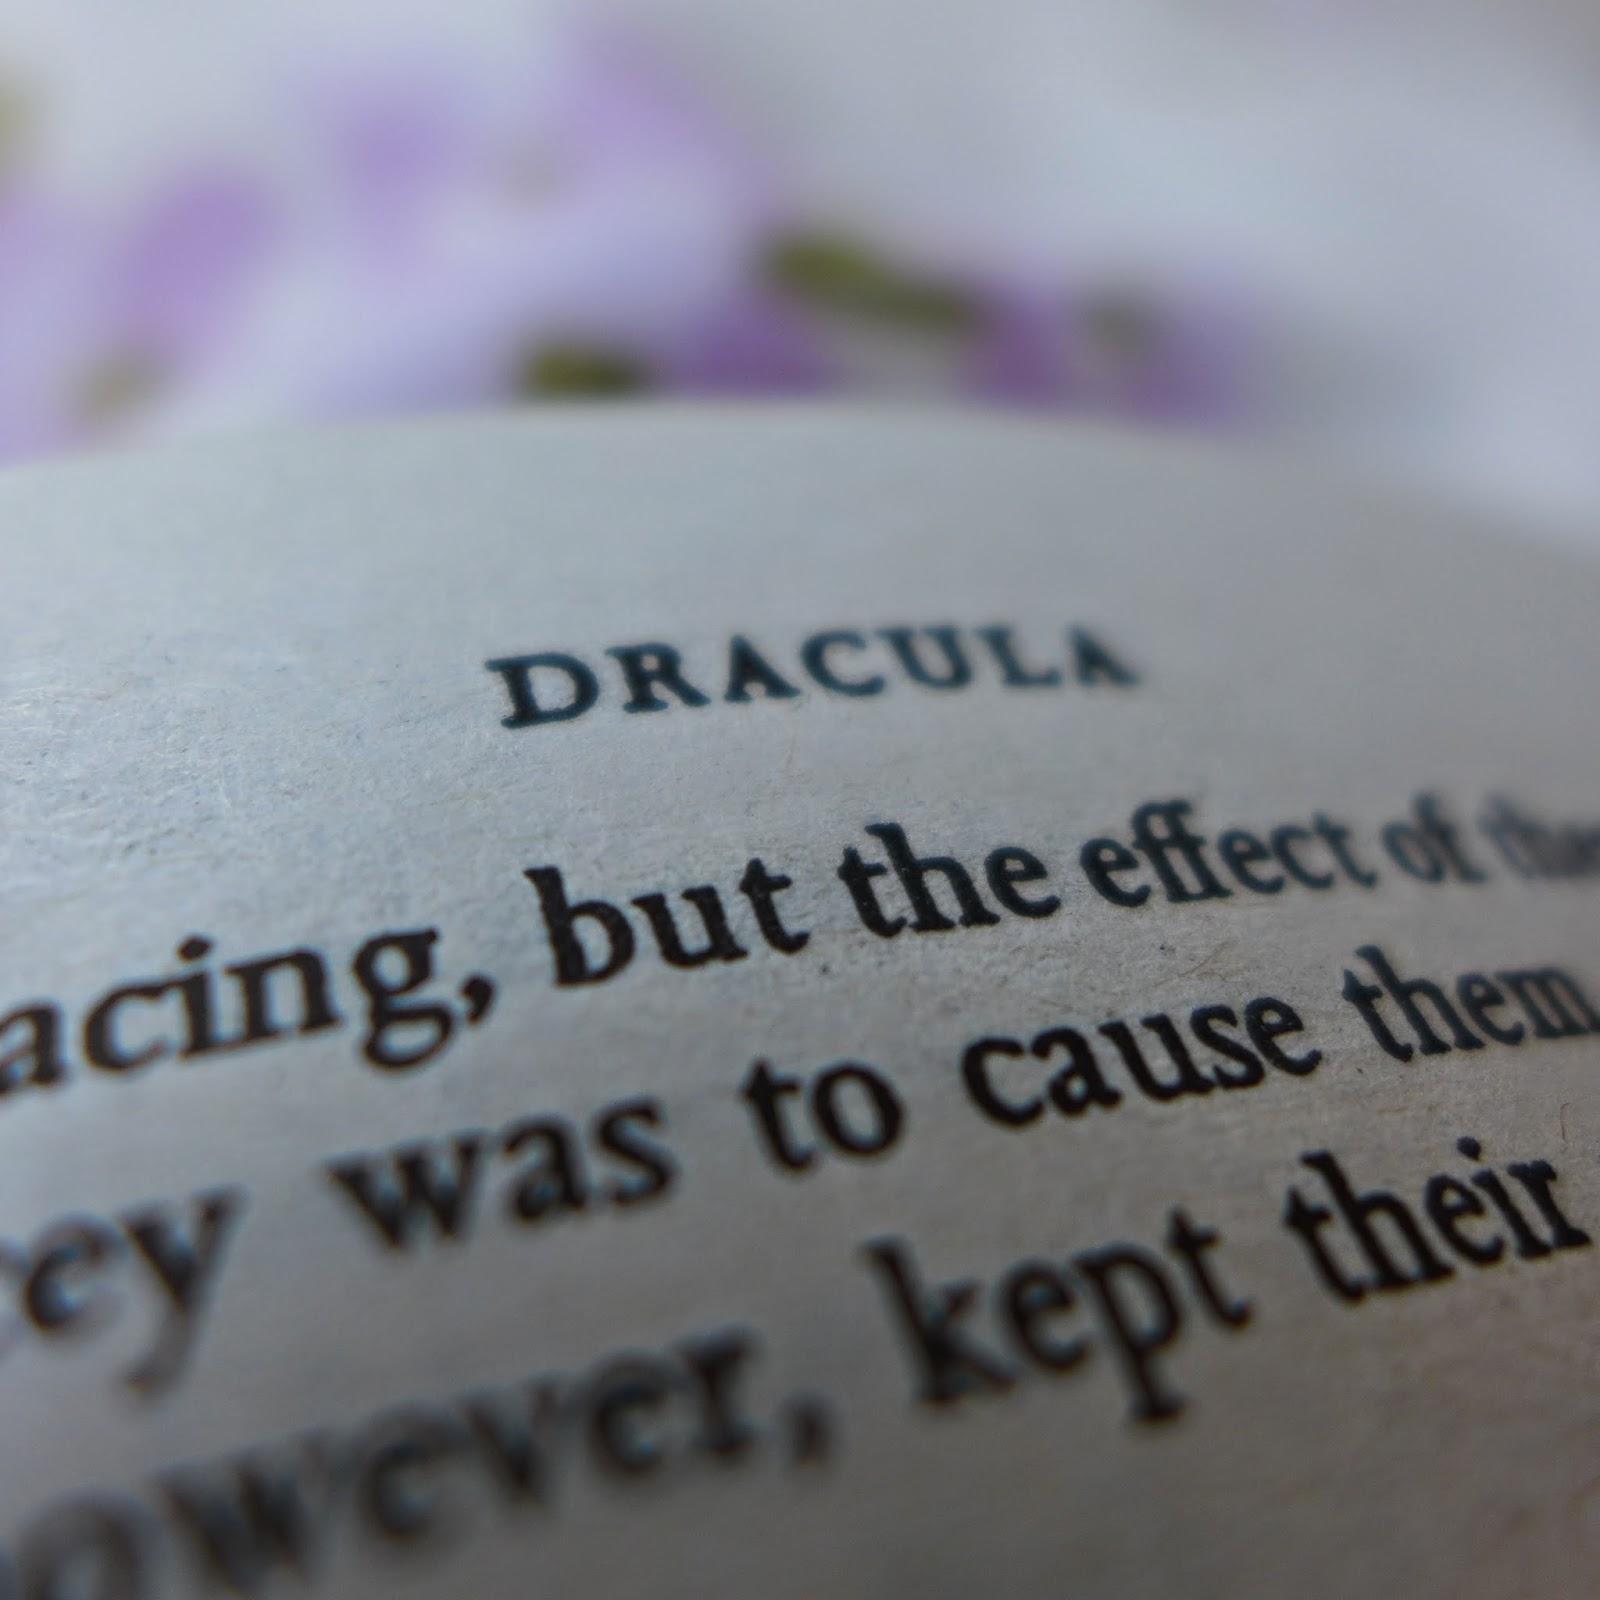 Dracula text